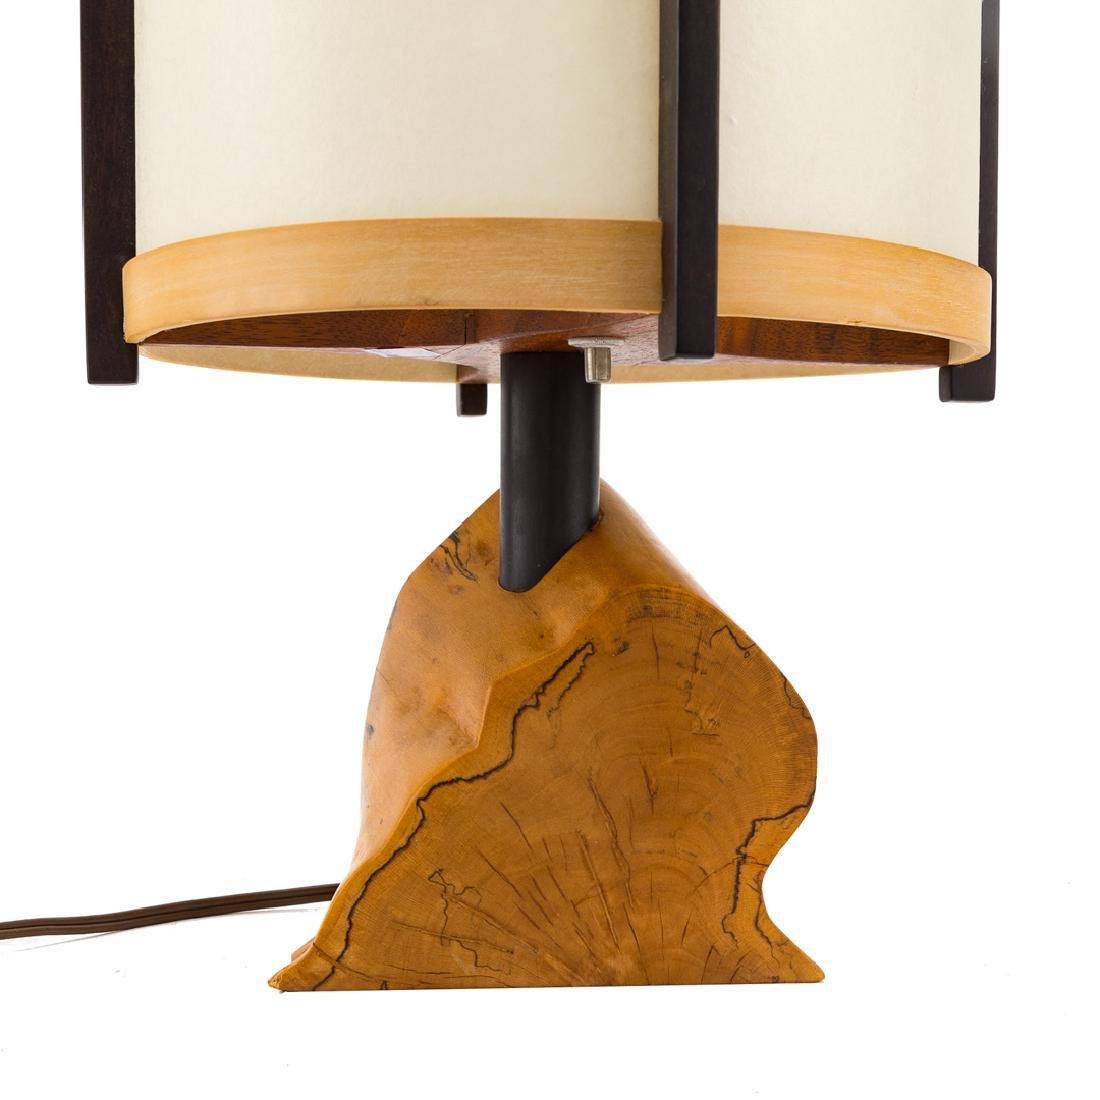 George Nakashima Desk Lamp - 3